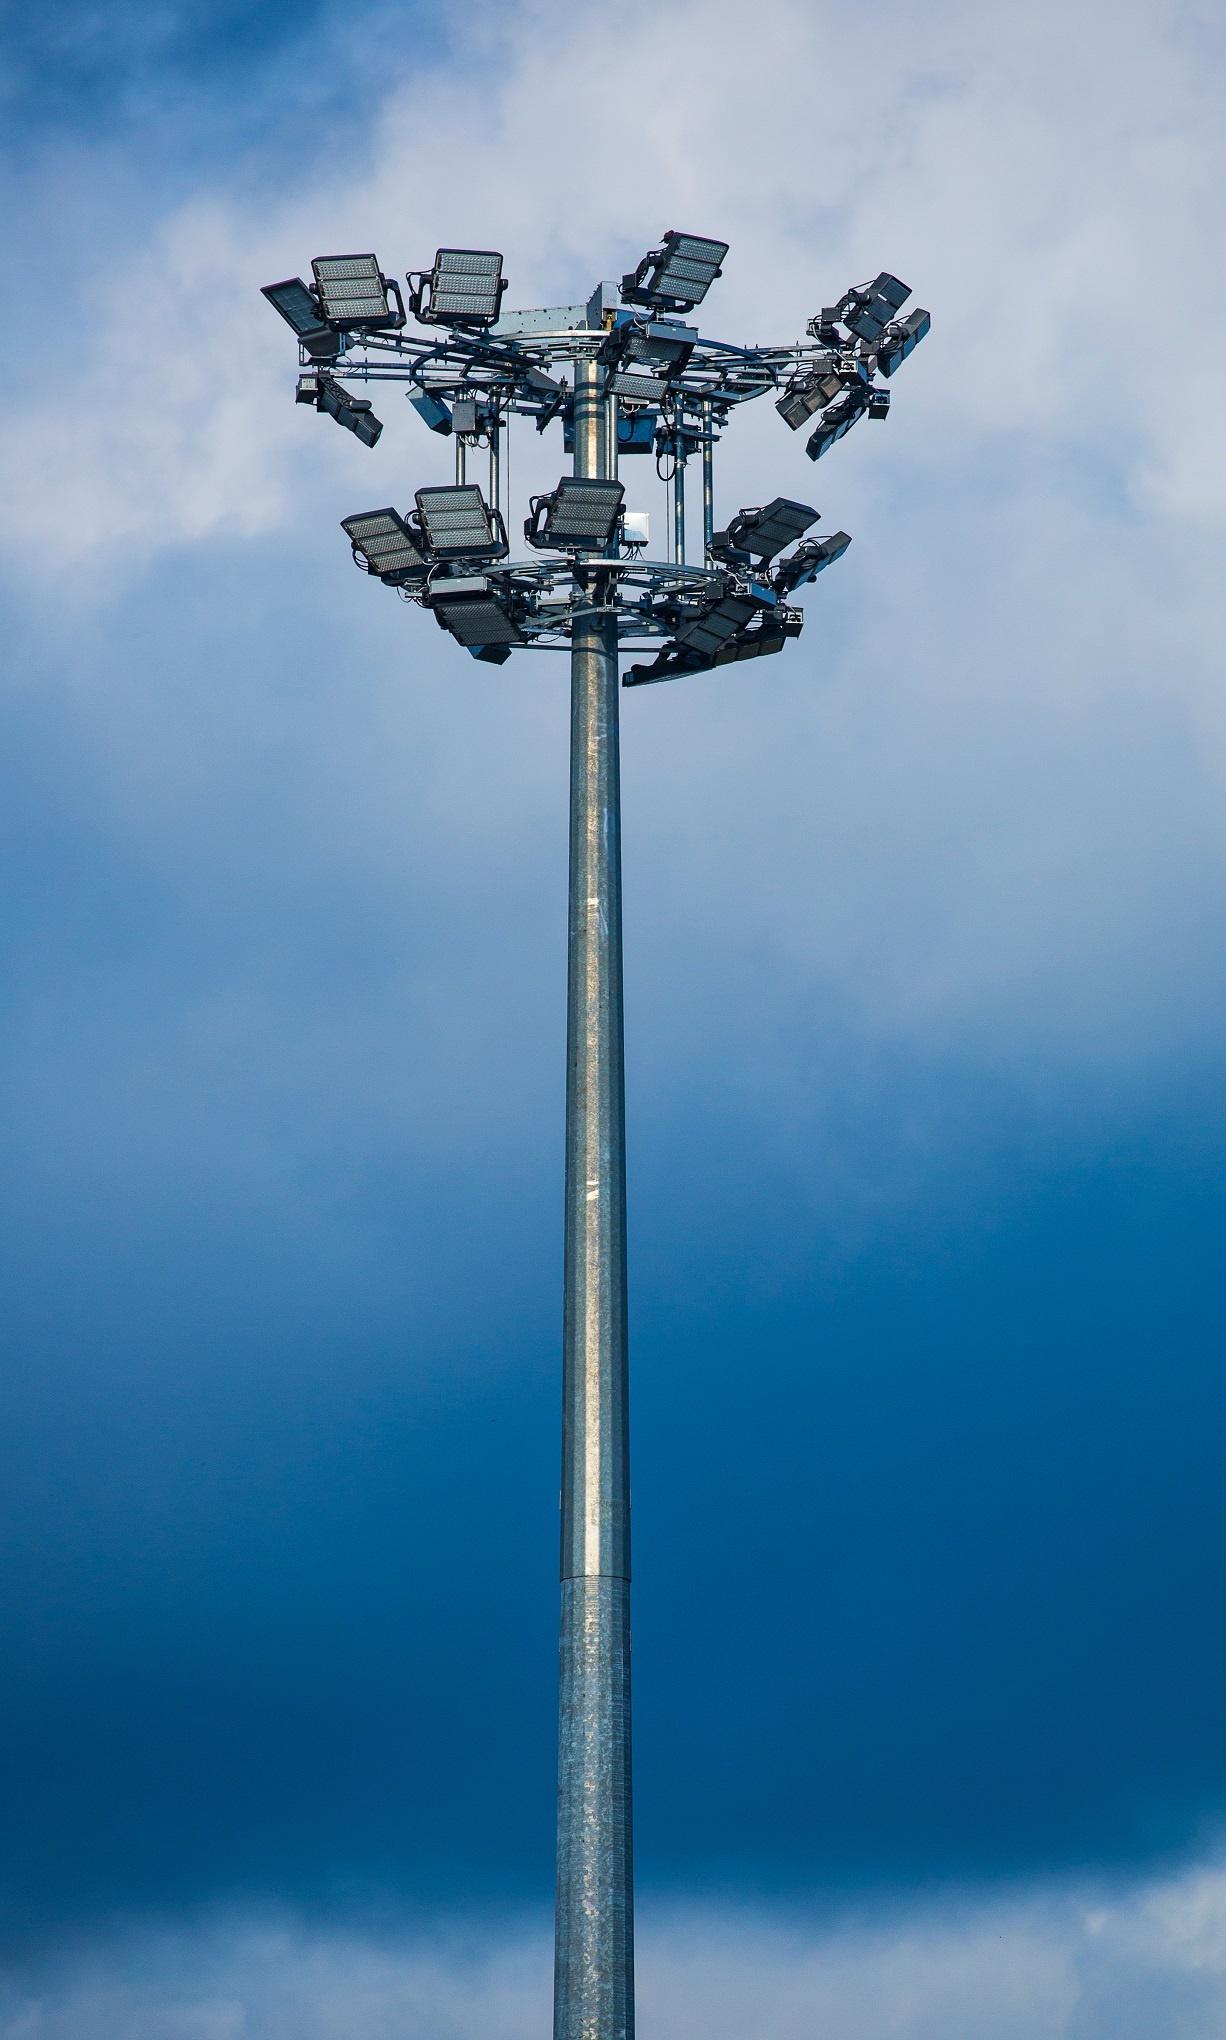 système d'éclairage Plaza de la Revolución